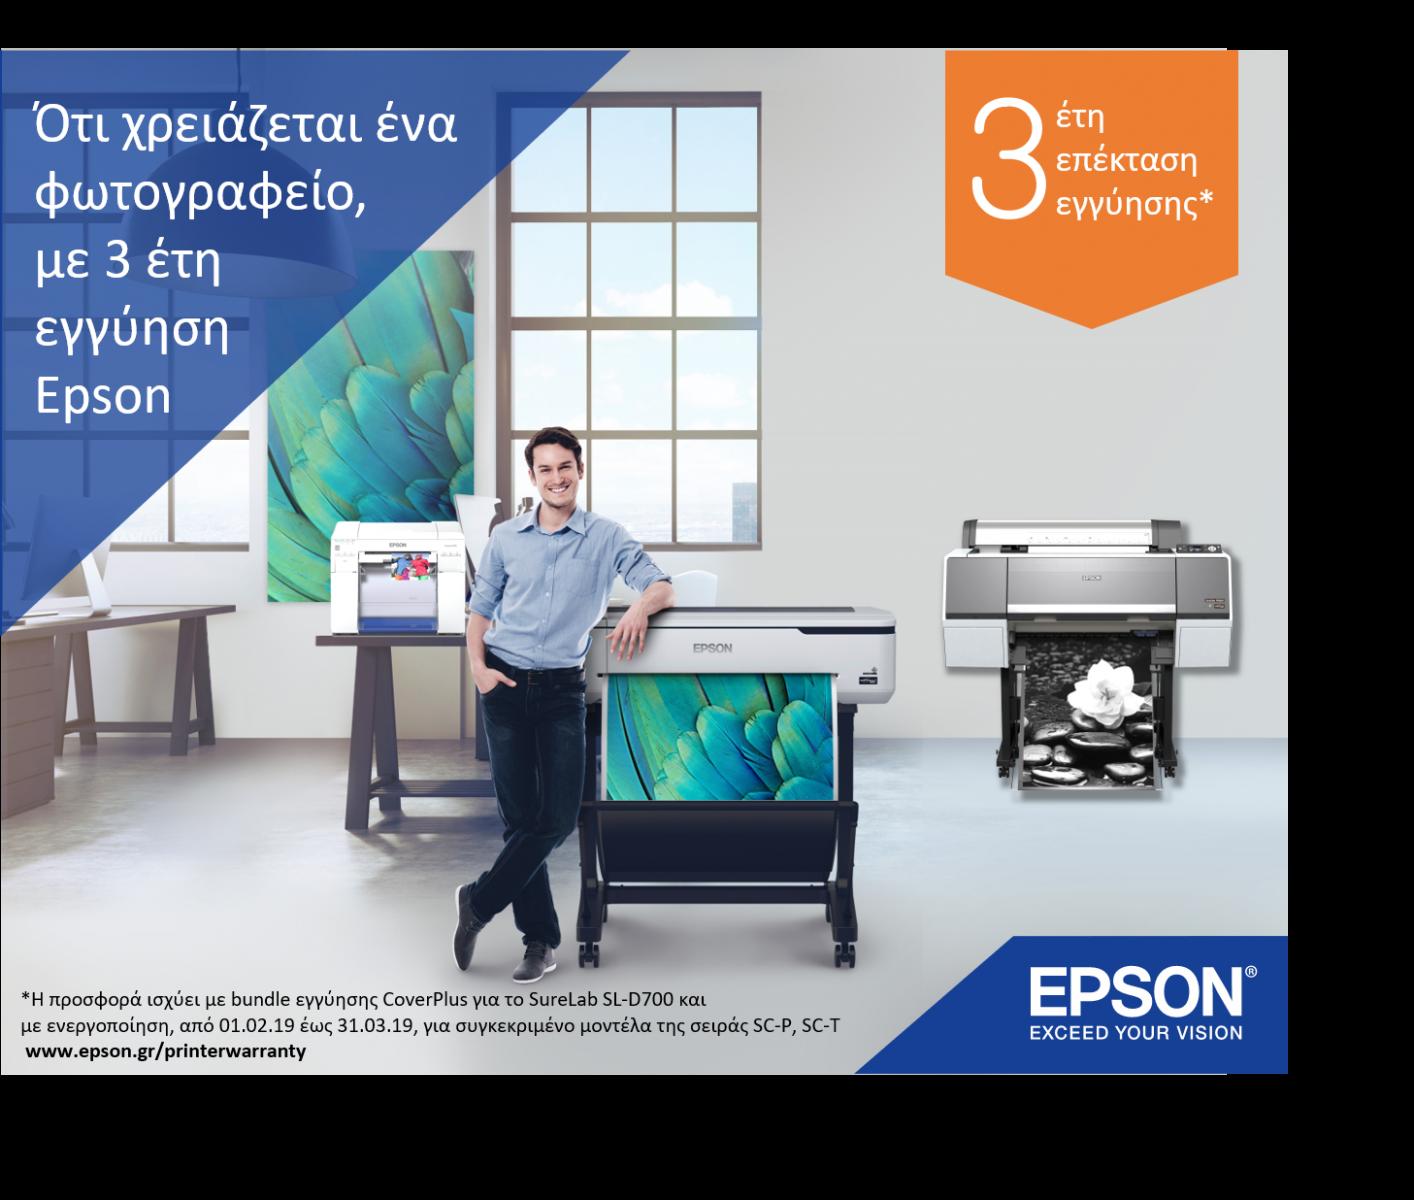 cececf05019 Απογειώστε τη φωτογραφική σας επιχείρηση με τη «σφραγίδα» της εγγύησης Epson